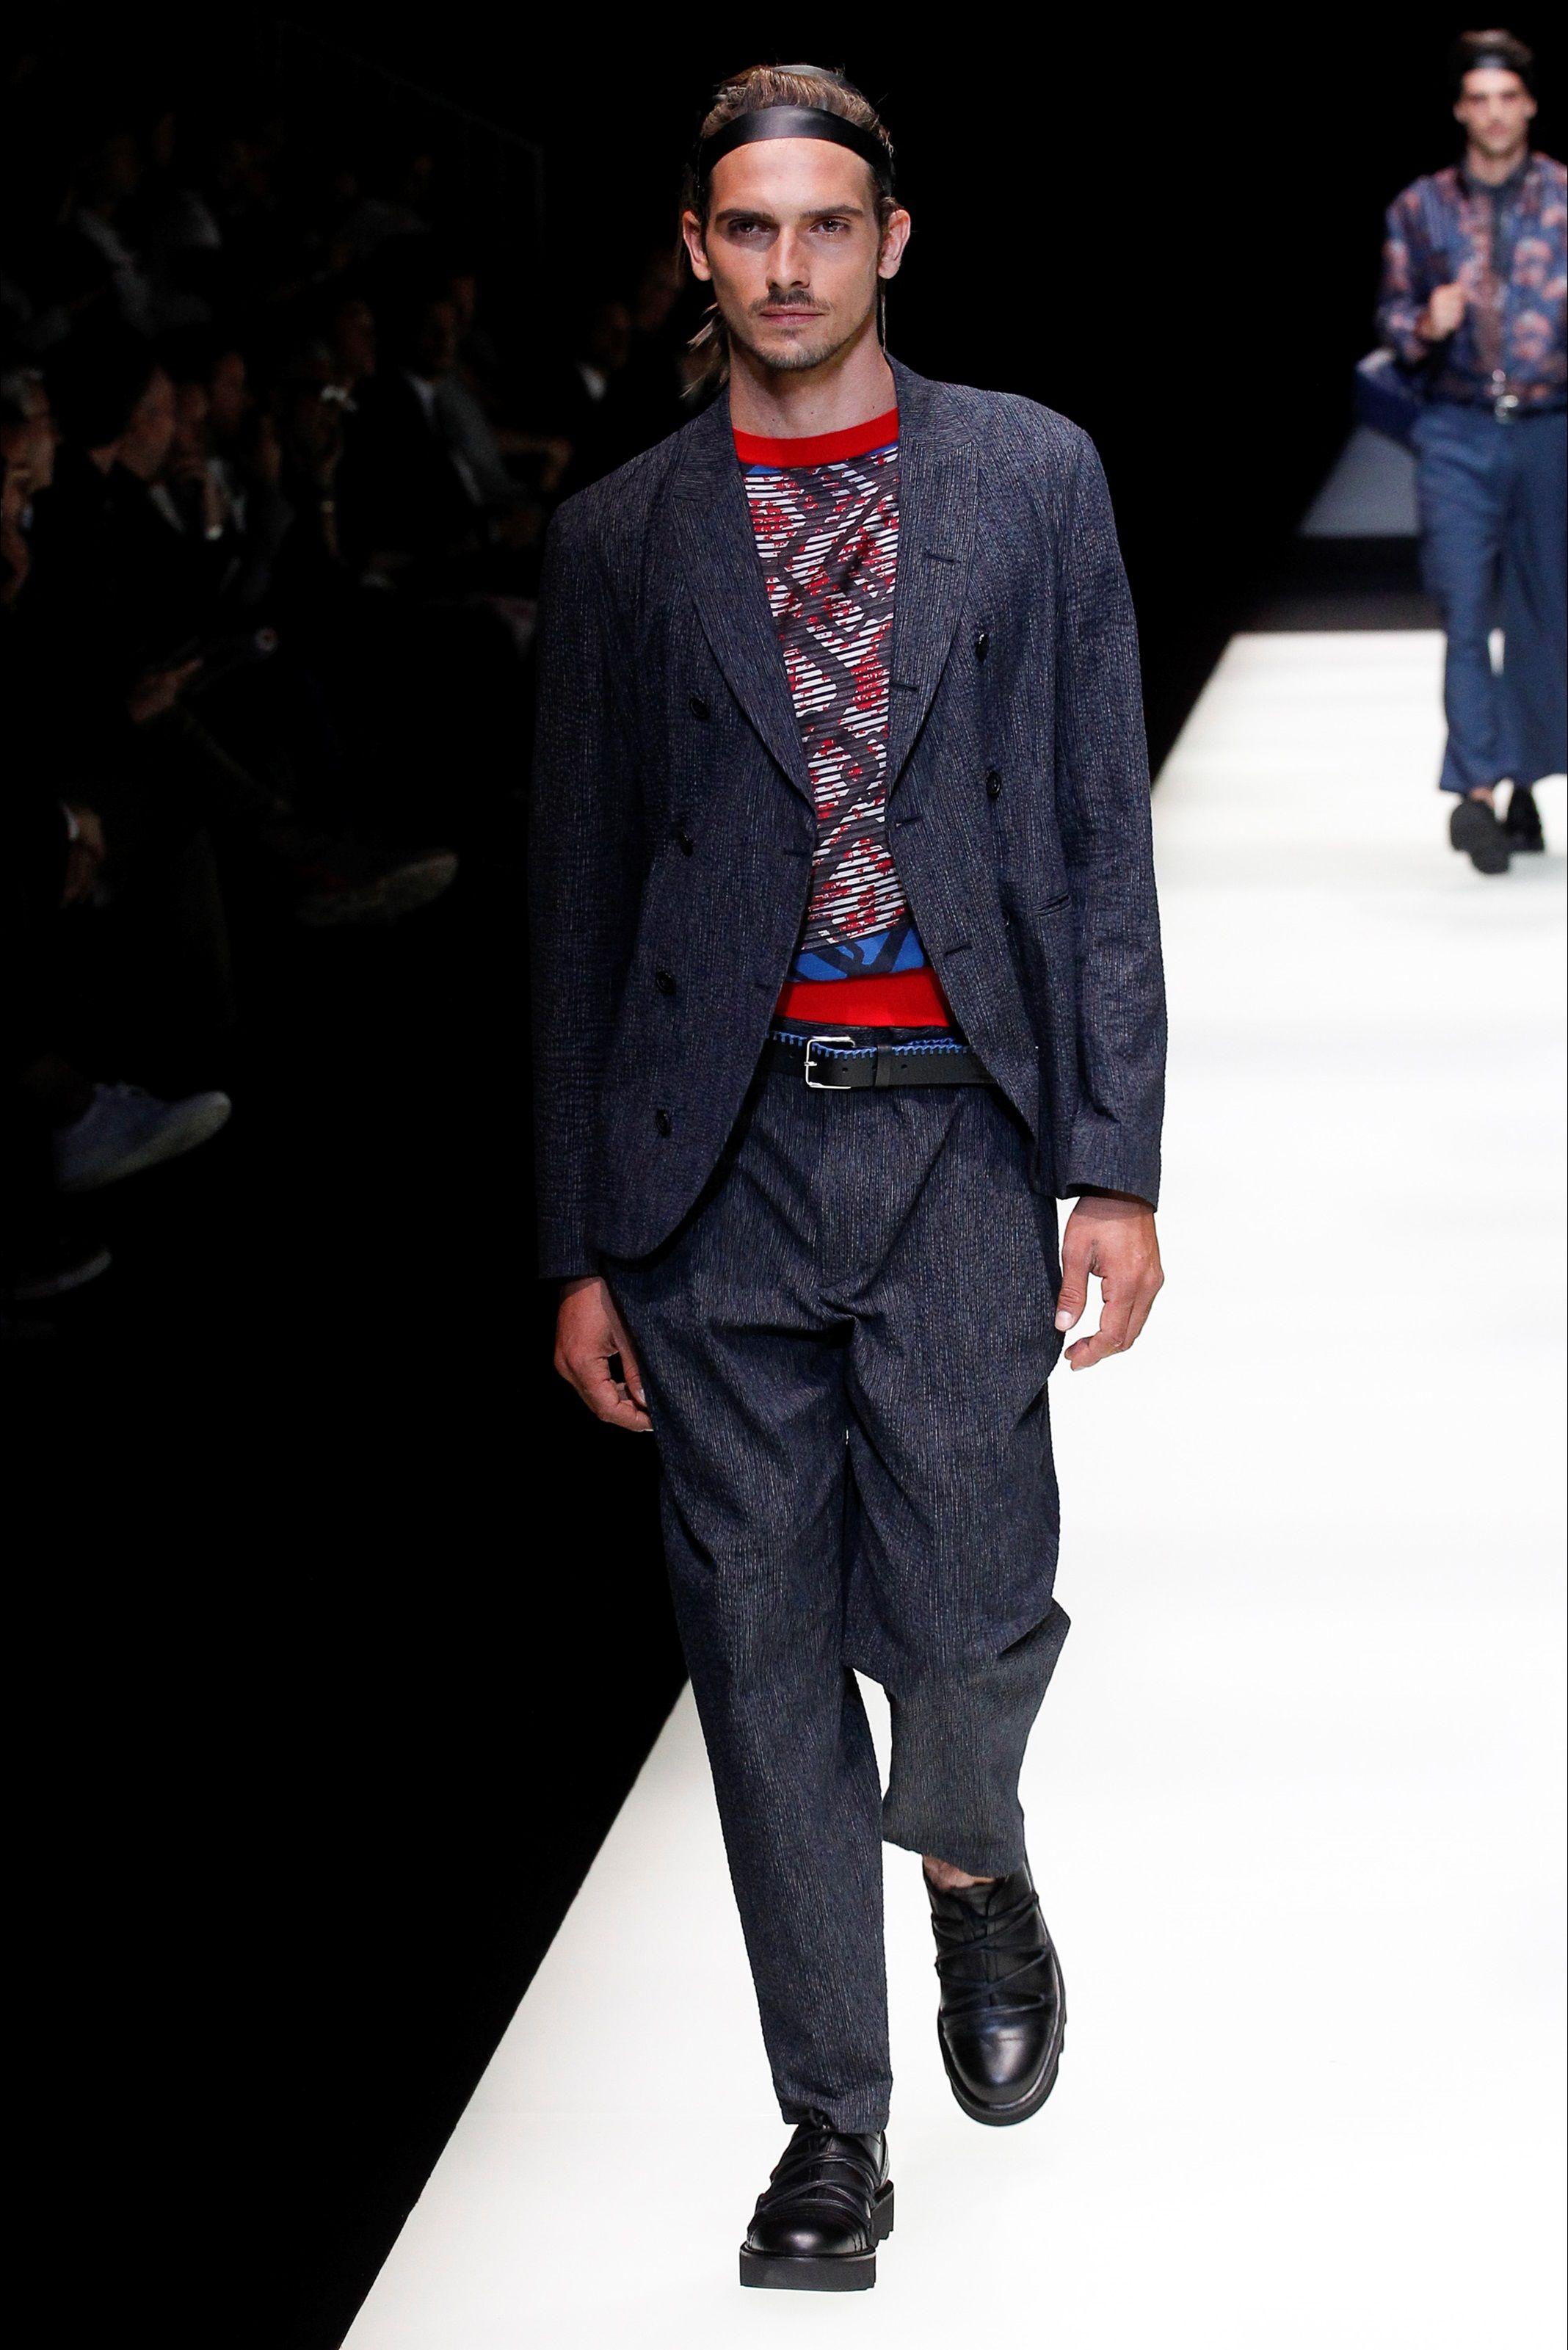 cheaper bd35c b18d0 Guarda la sfilata di moda uomo Emporio Armani a Milano e ...